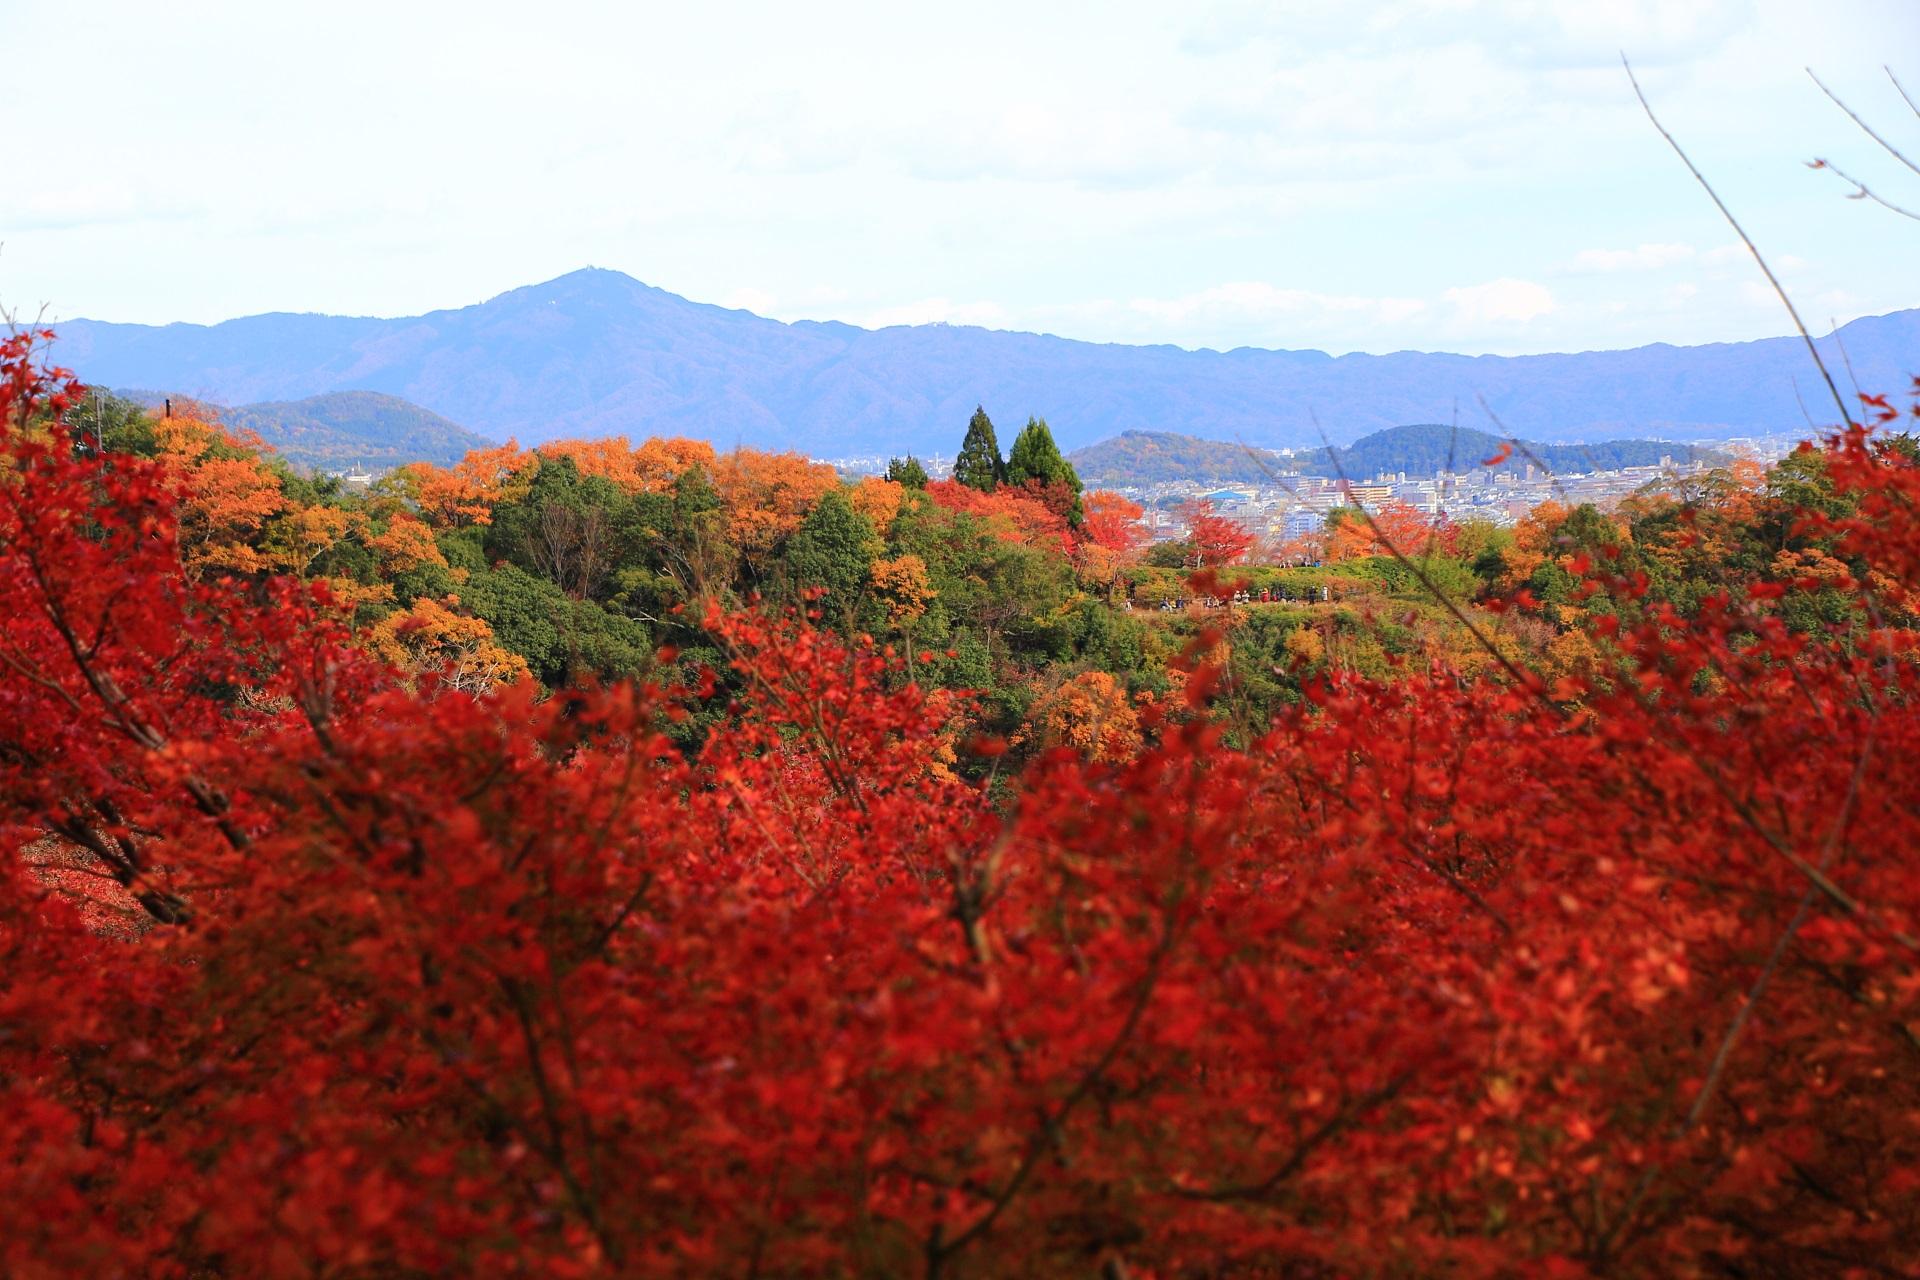 大悲閣千光寺の紅葉の向こうに見える秋色に色づいた山々と京都市街